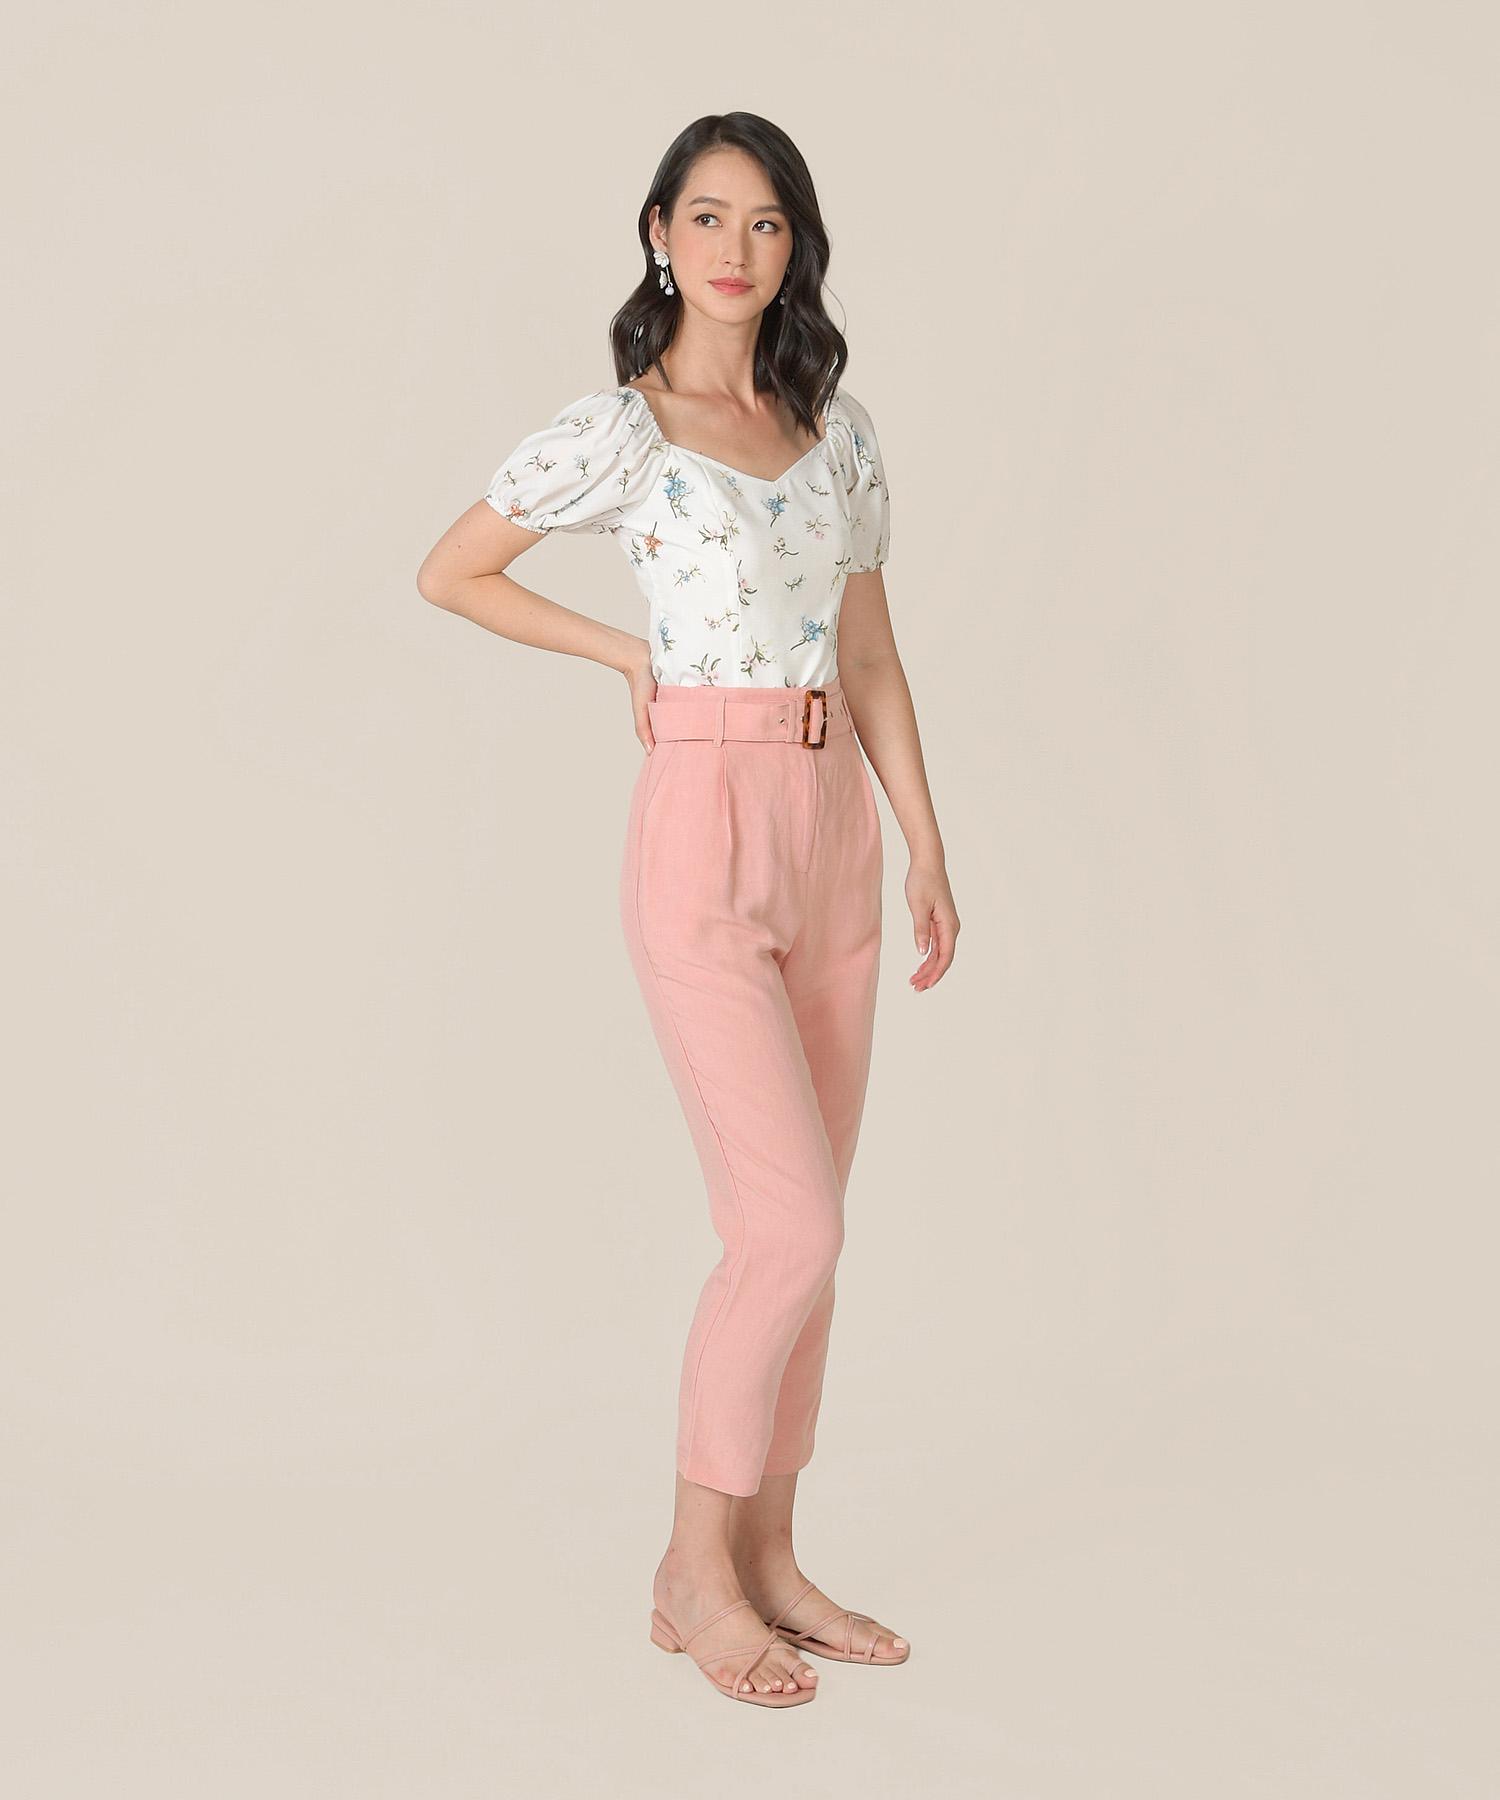 mirador-high-waist-belted-trousers-blush-1